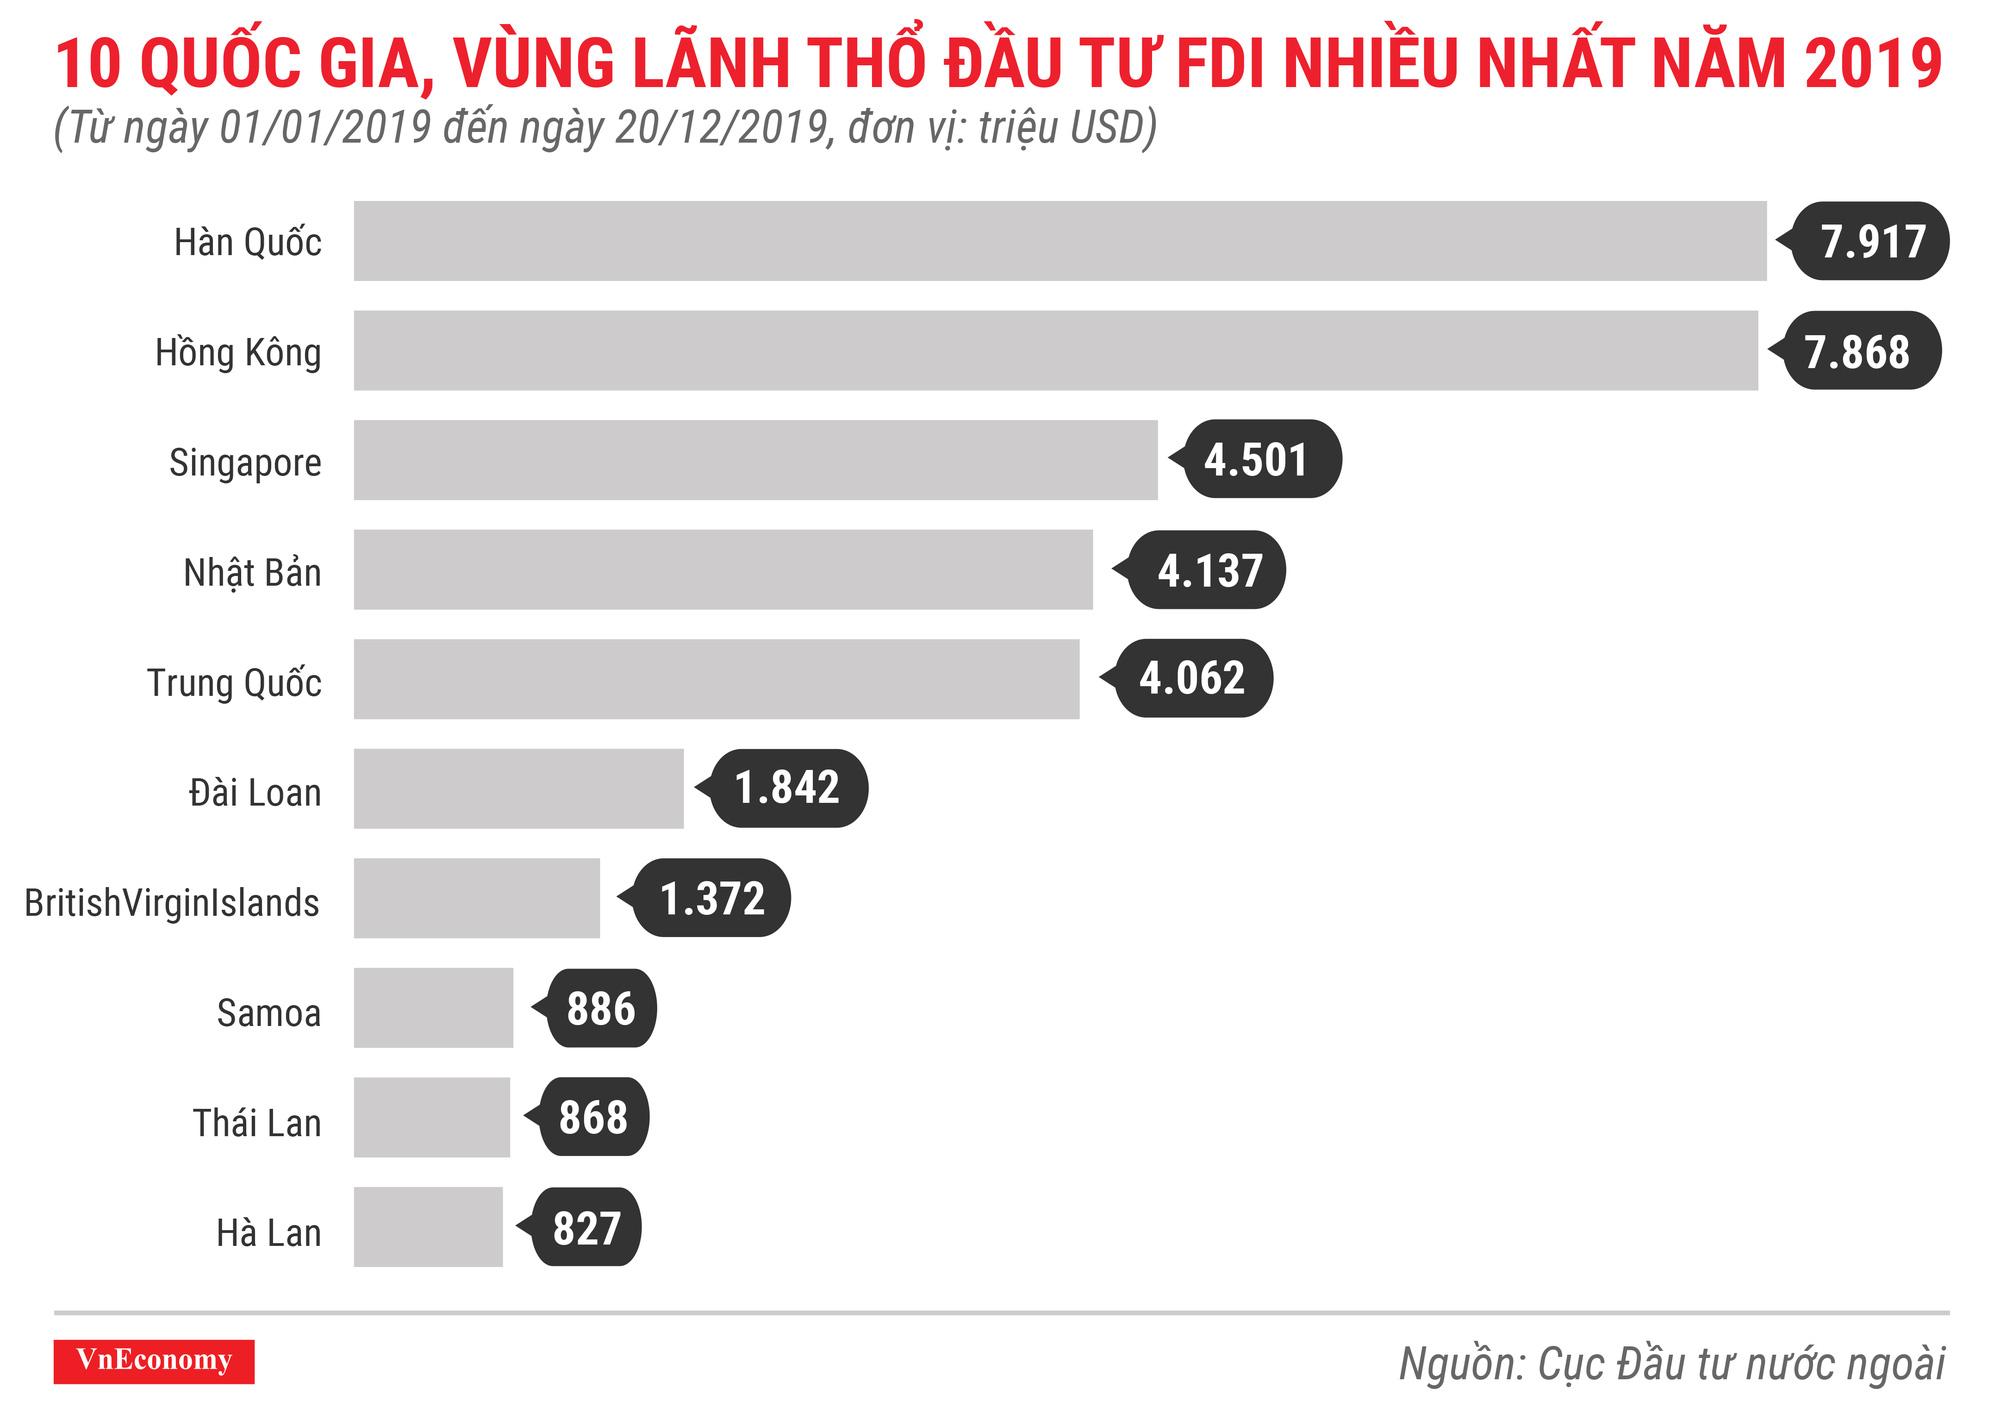 Xu Hướng đầu Tư Fdi Vào Việt Nam Dự Báo Tiếp Tục Tăng Trong Năm 2020